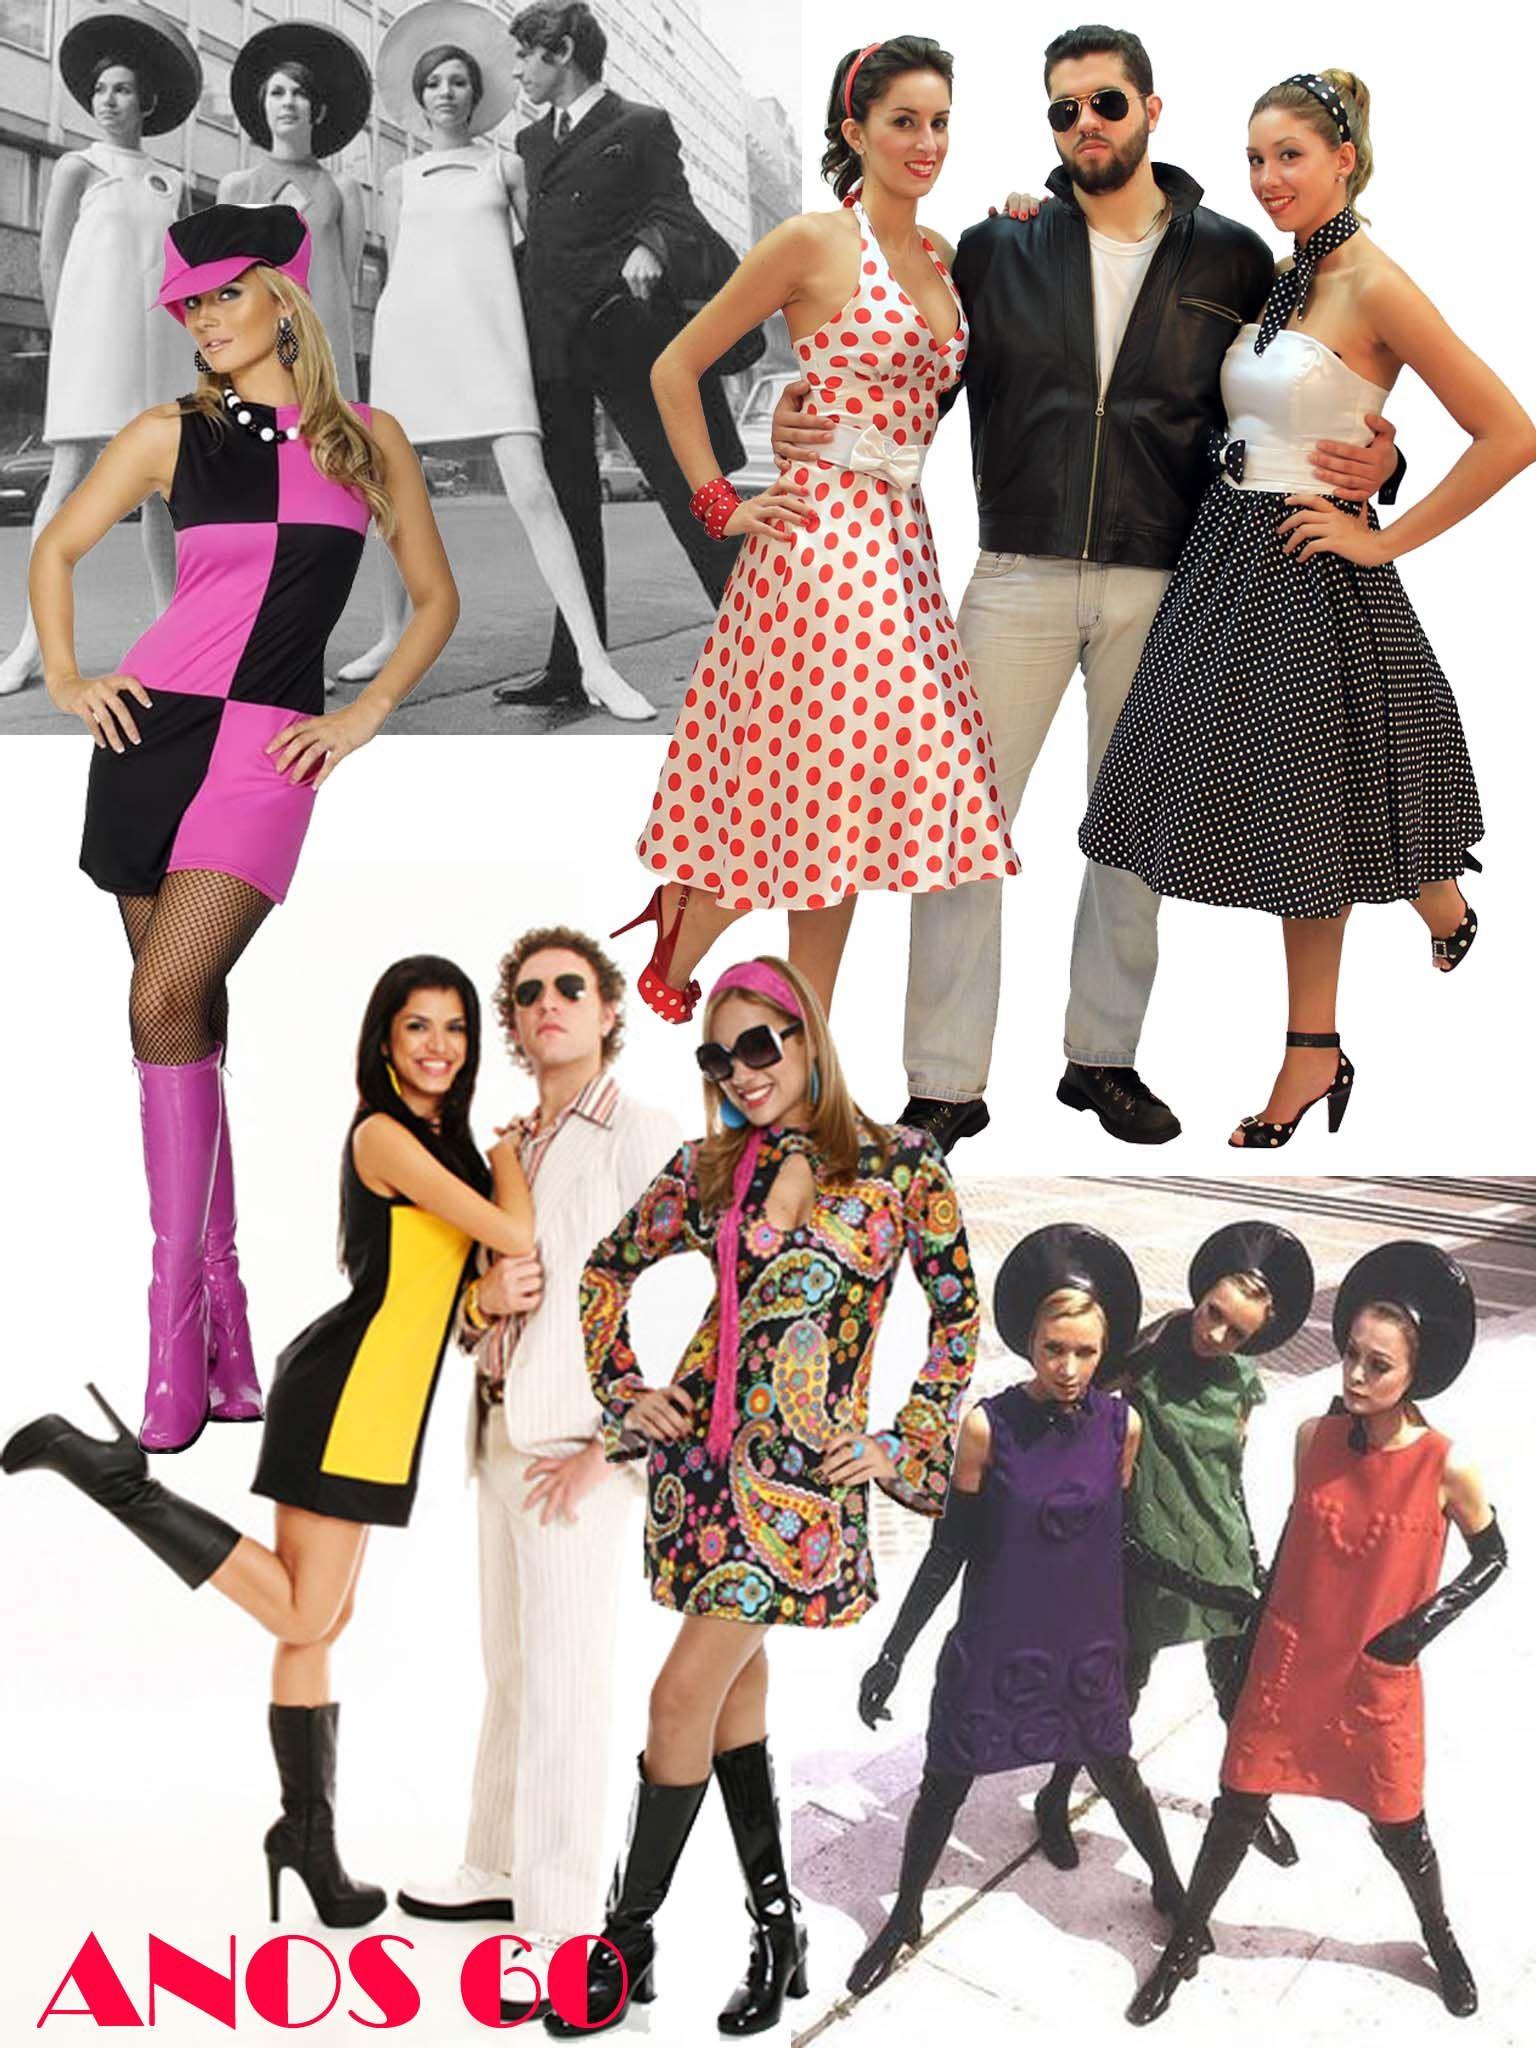 9b93228ee98 Franci Halat - MODA  Moda Anos 60 - Clássico que nunca sai de moda ...